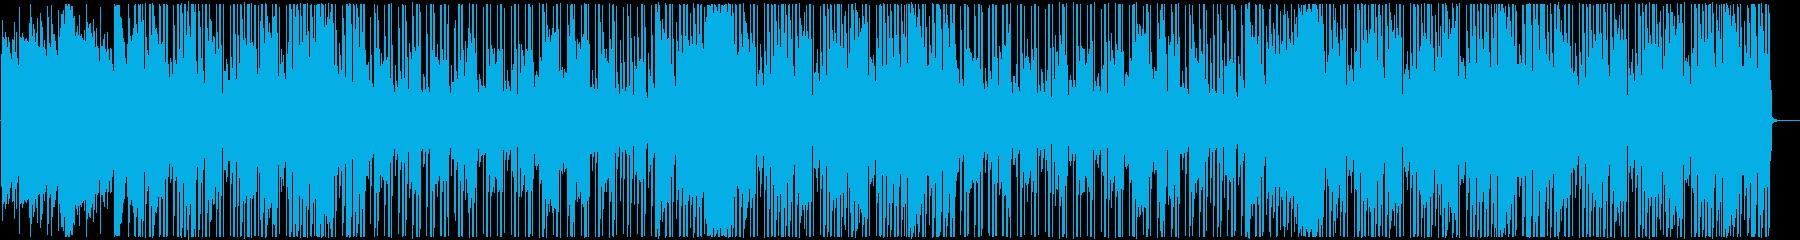 切ないR&B調レゲエの再生済みの波形